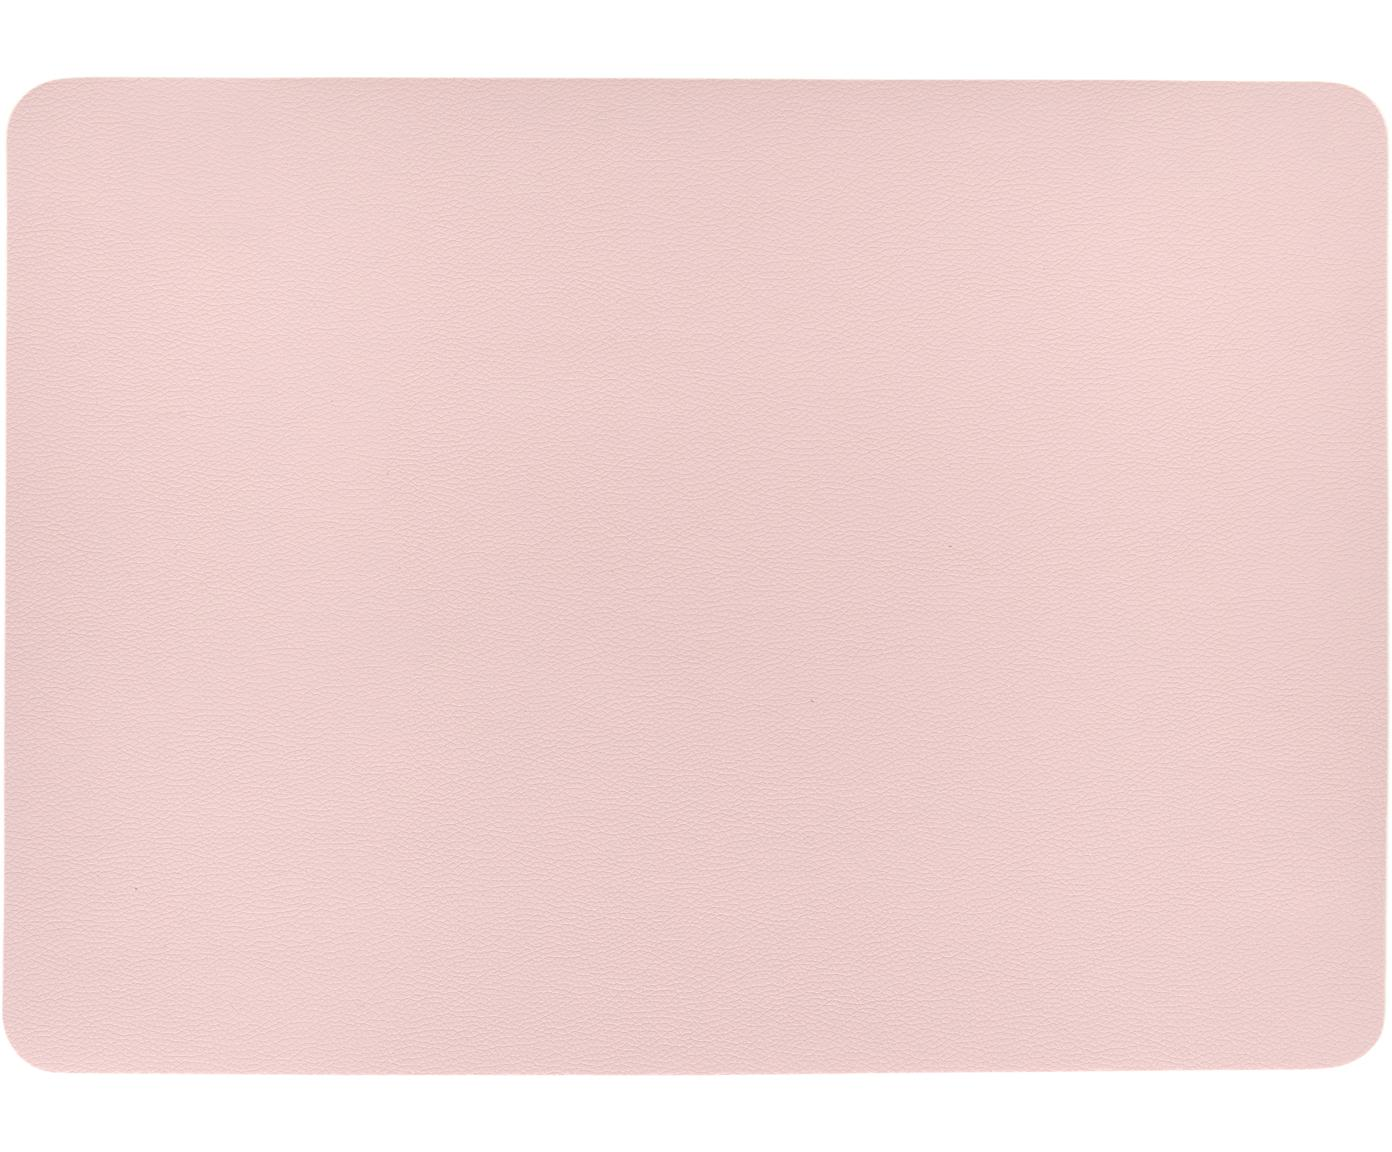 Podkładka ze sztucznej skóry Pik, 2 szt., Tworzywo sztuczne (PVC), Blady różowy, S 33 x D 46 cm